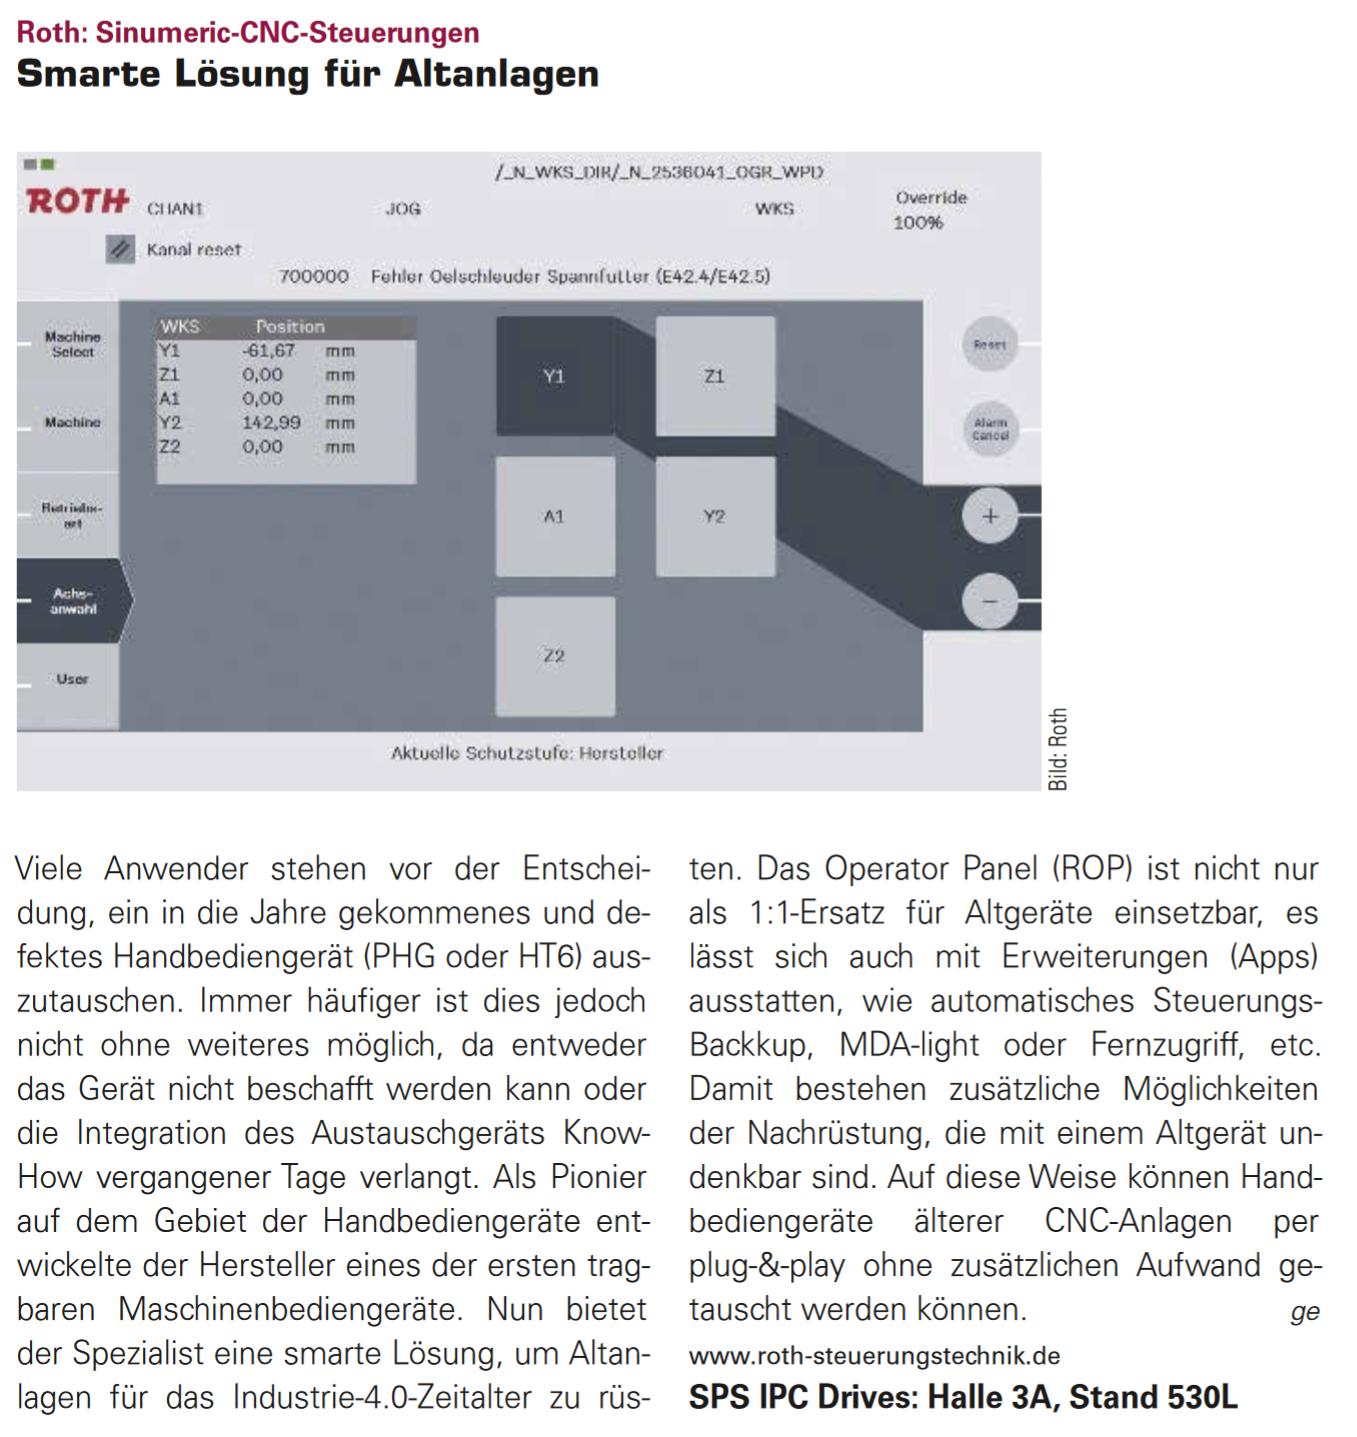 Roth Steuerungstechnik - 16. November 2016 - Smarte Lösung für Altanlagen – das ROTH Operator Panel